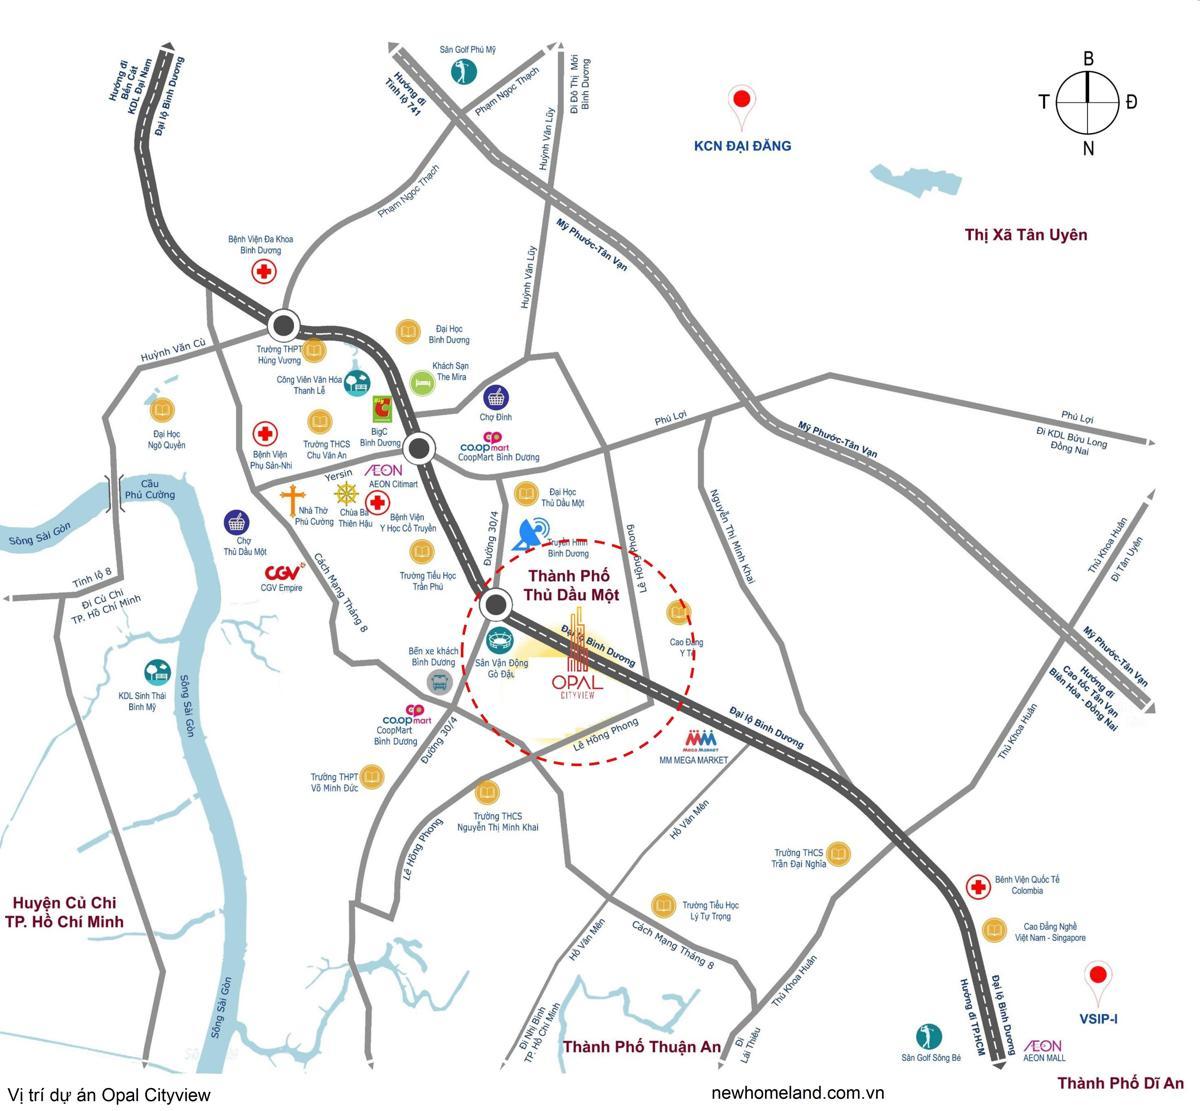 Vị trí dự án Opal Cityview